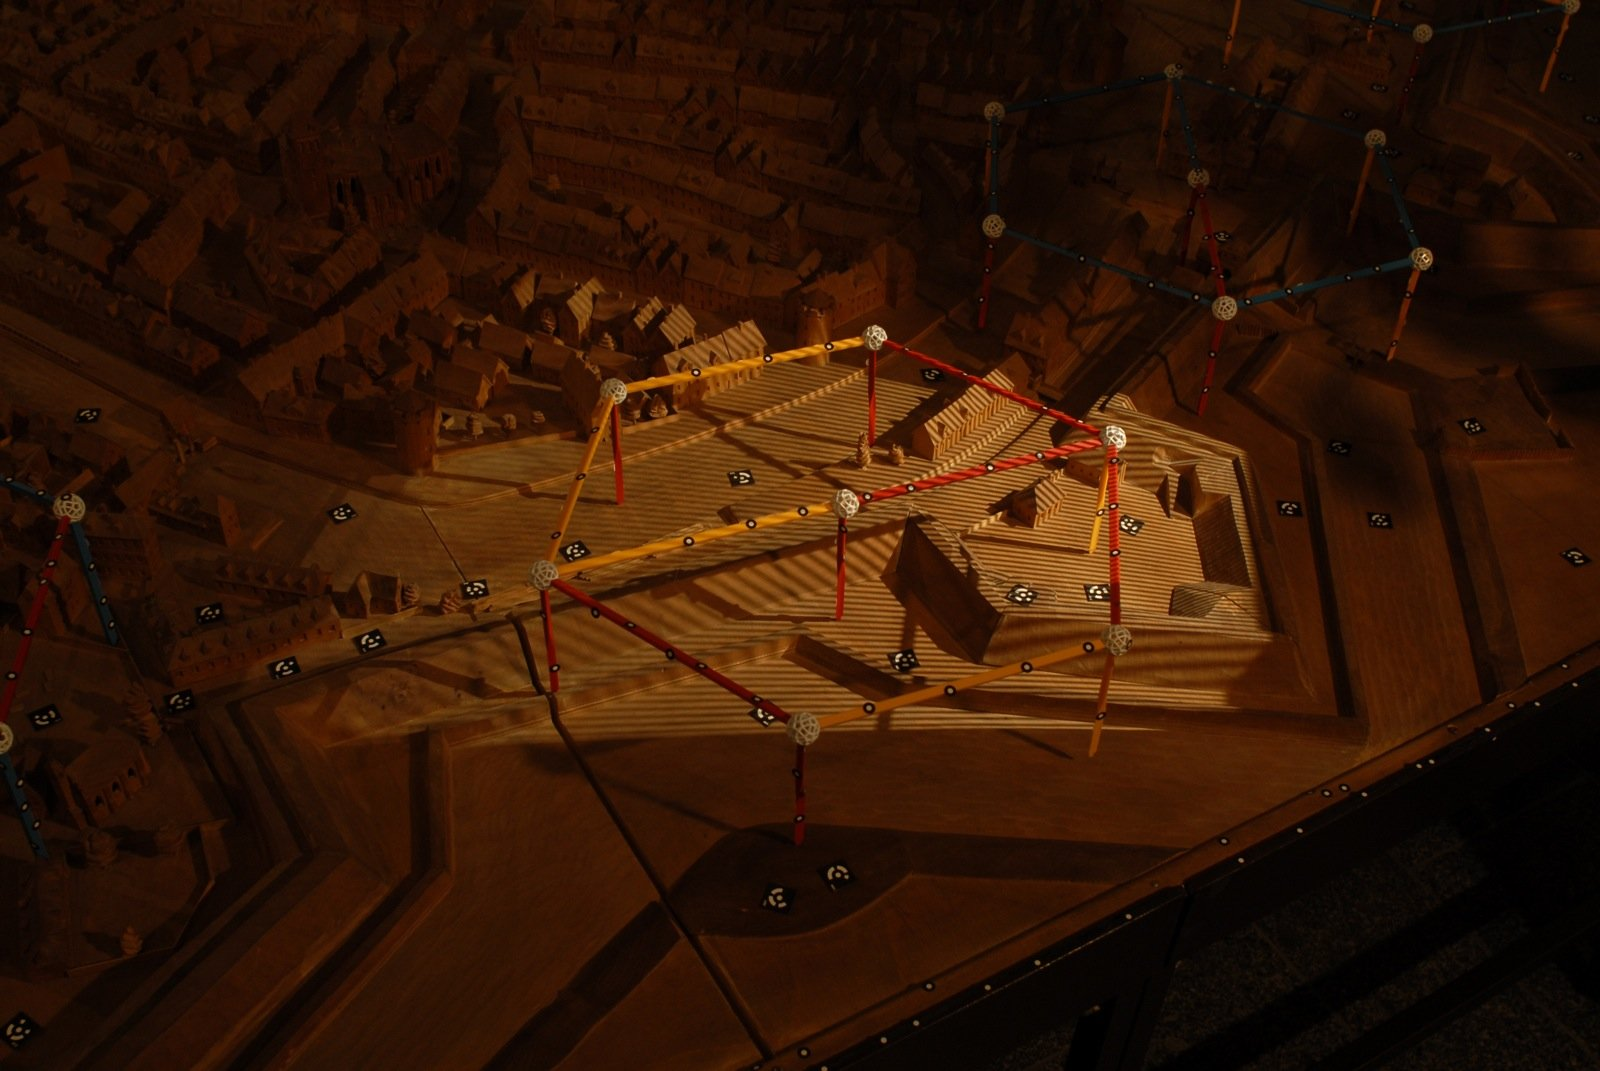 Wissenschaftler der TU Berlin machen 3D-Scans historischer Berliner Stadtmodelle. Diese wollen sie schließlich für das Stadtmuseum Berlin zu interaktiven 3D-Projektionen zusammensetzen.